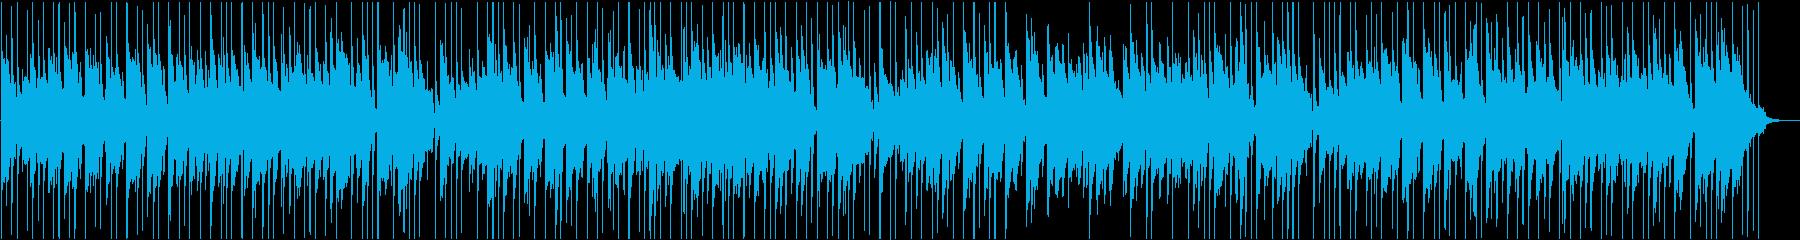 ★★都市伝説✡オルゴール✡Lo-Fi★Gの再生済みの波形